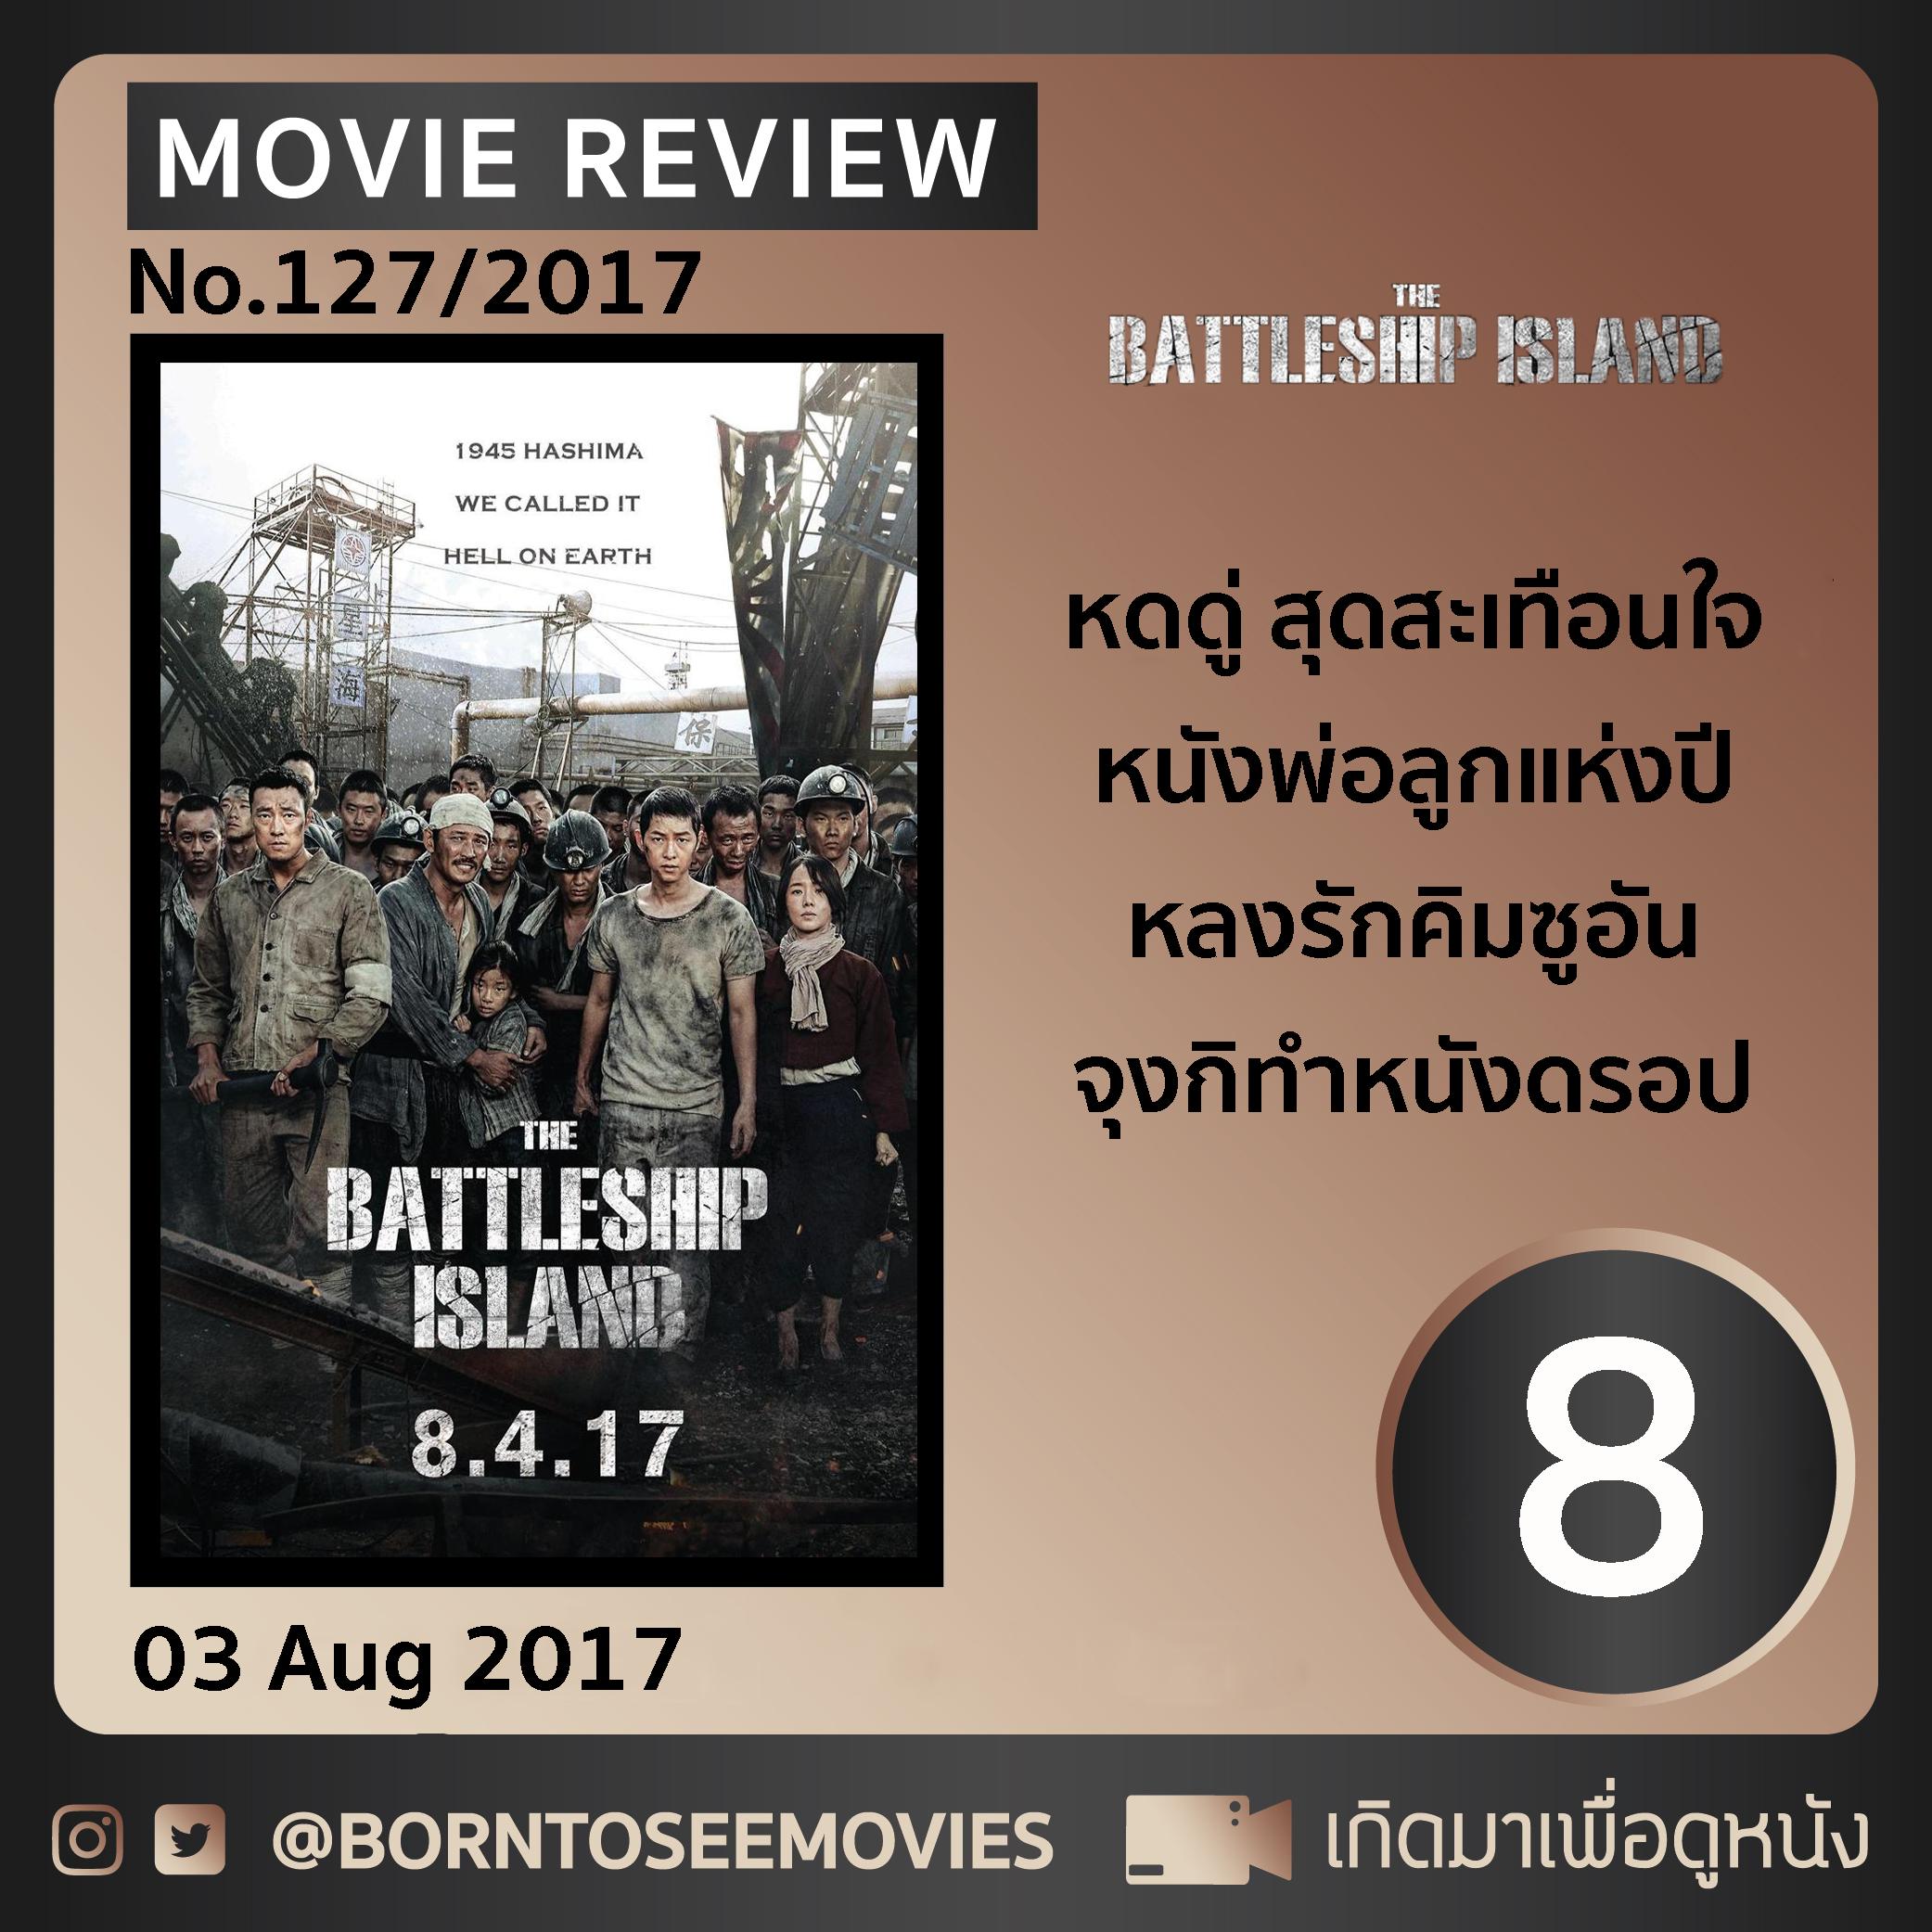 รีวิว The Battleship Island